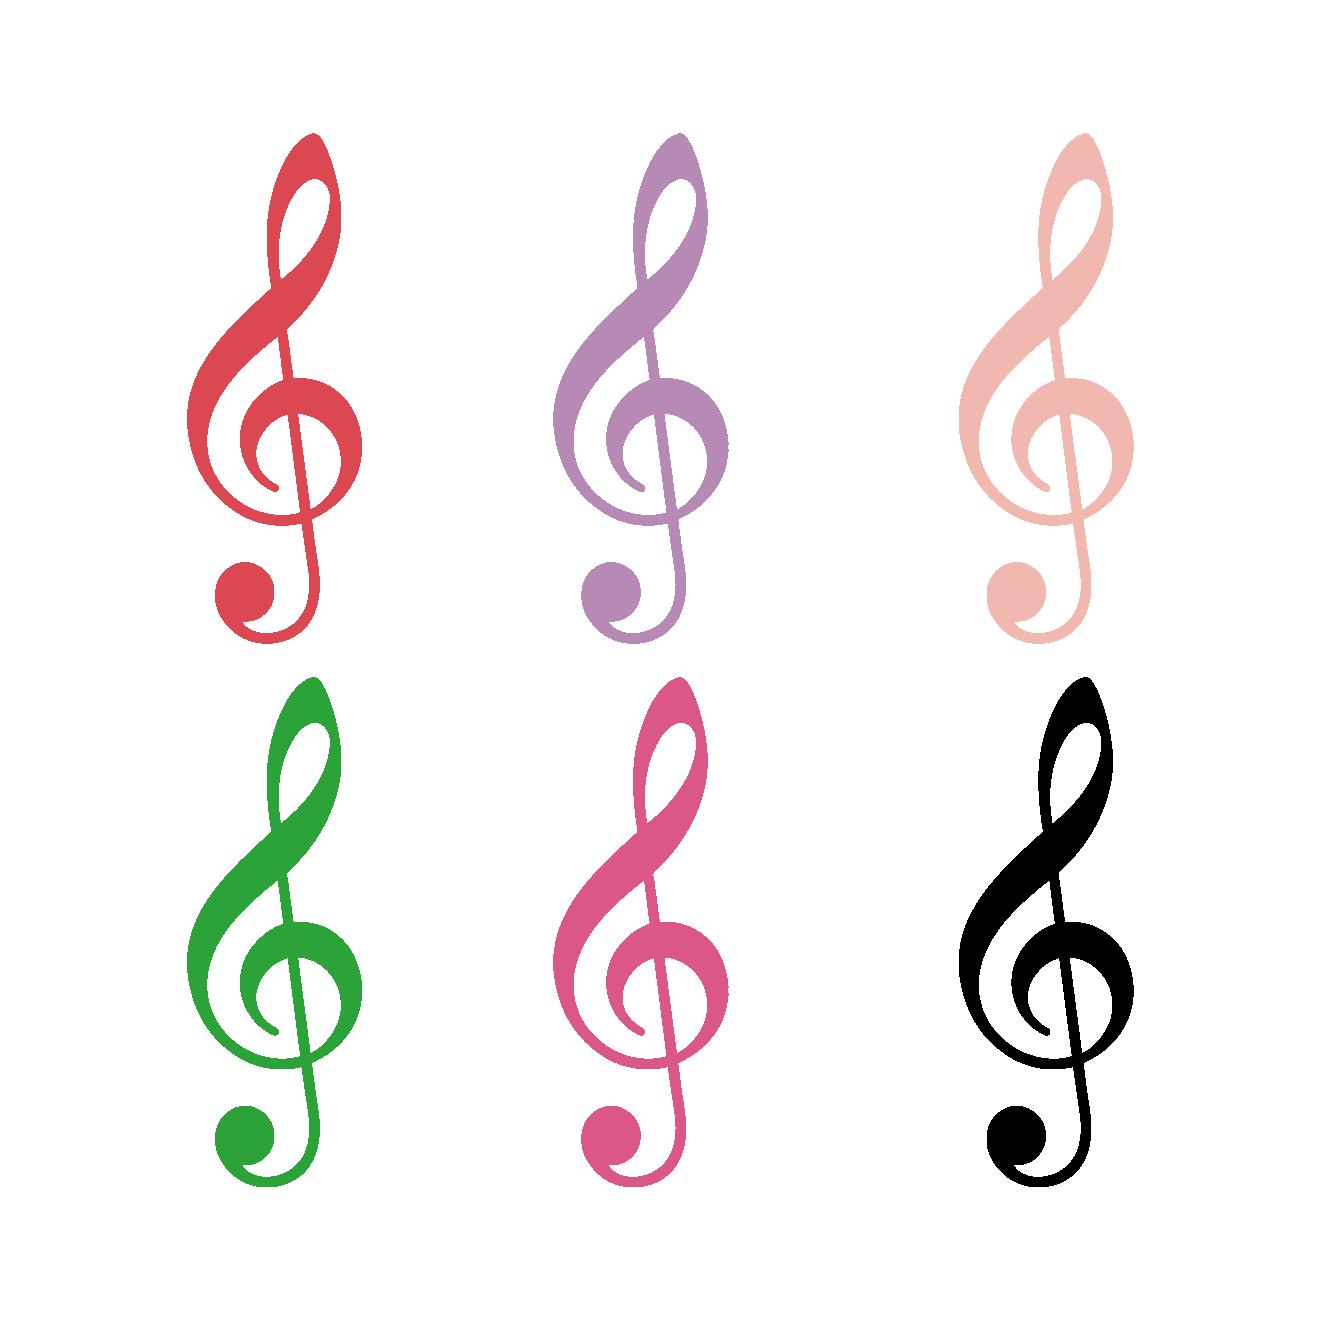 ト音記号(とおんきごう)のイラスト【音楽】 | 商用フリー(無料)の